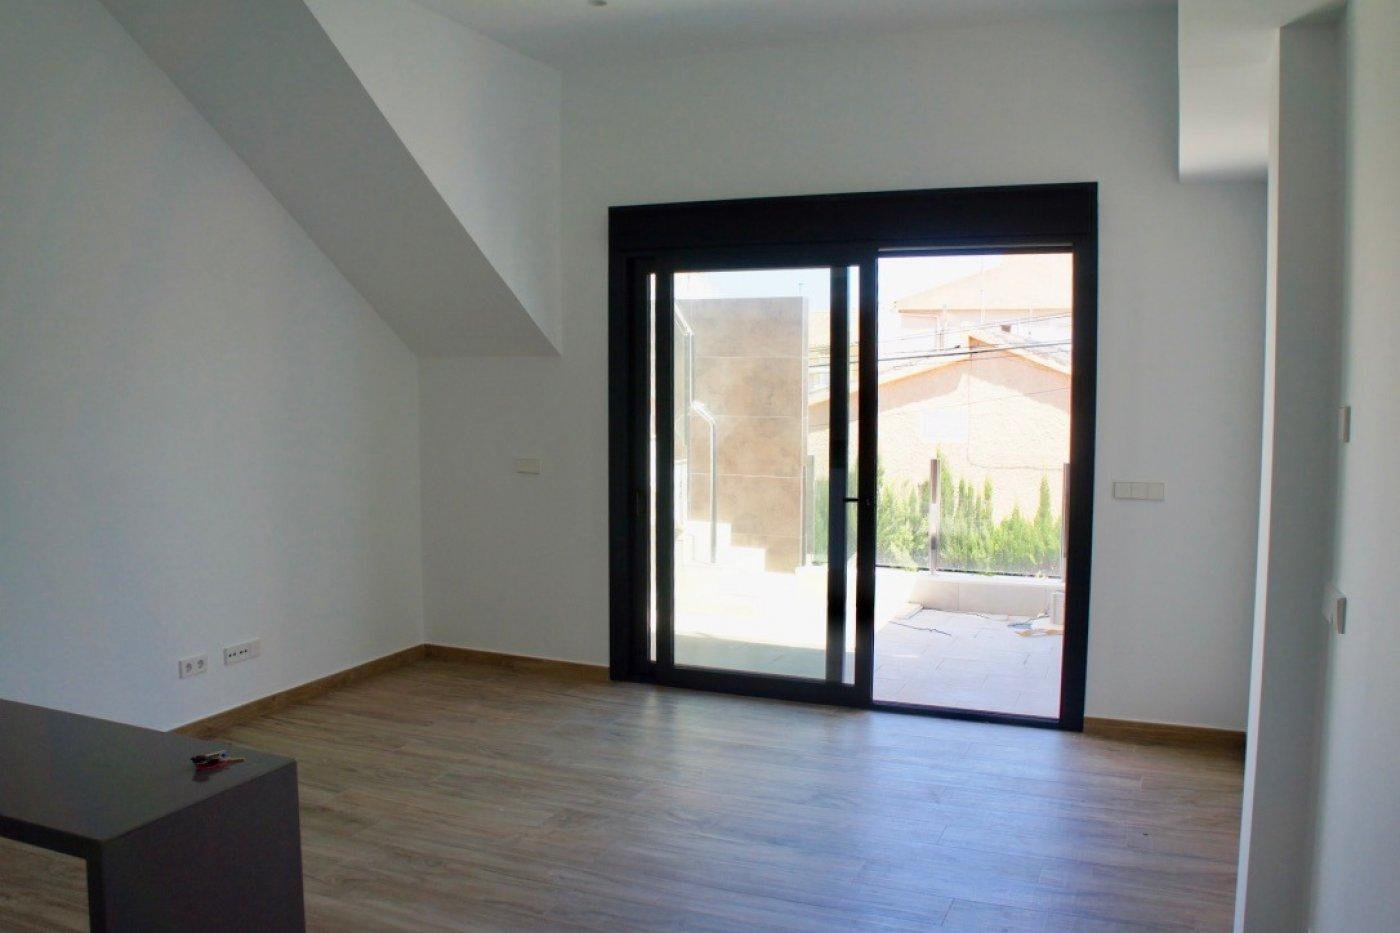 Imagen de la galería 5 of Nuevo apartamento listo en la planta superior de 2 dormitorios a solo 2 minutos a pie de las playas,